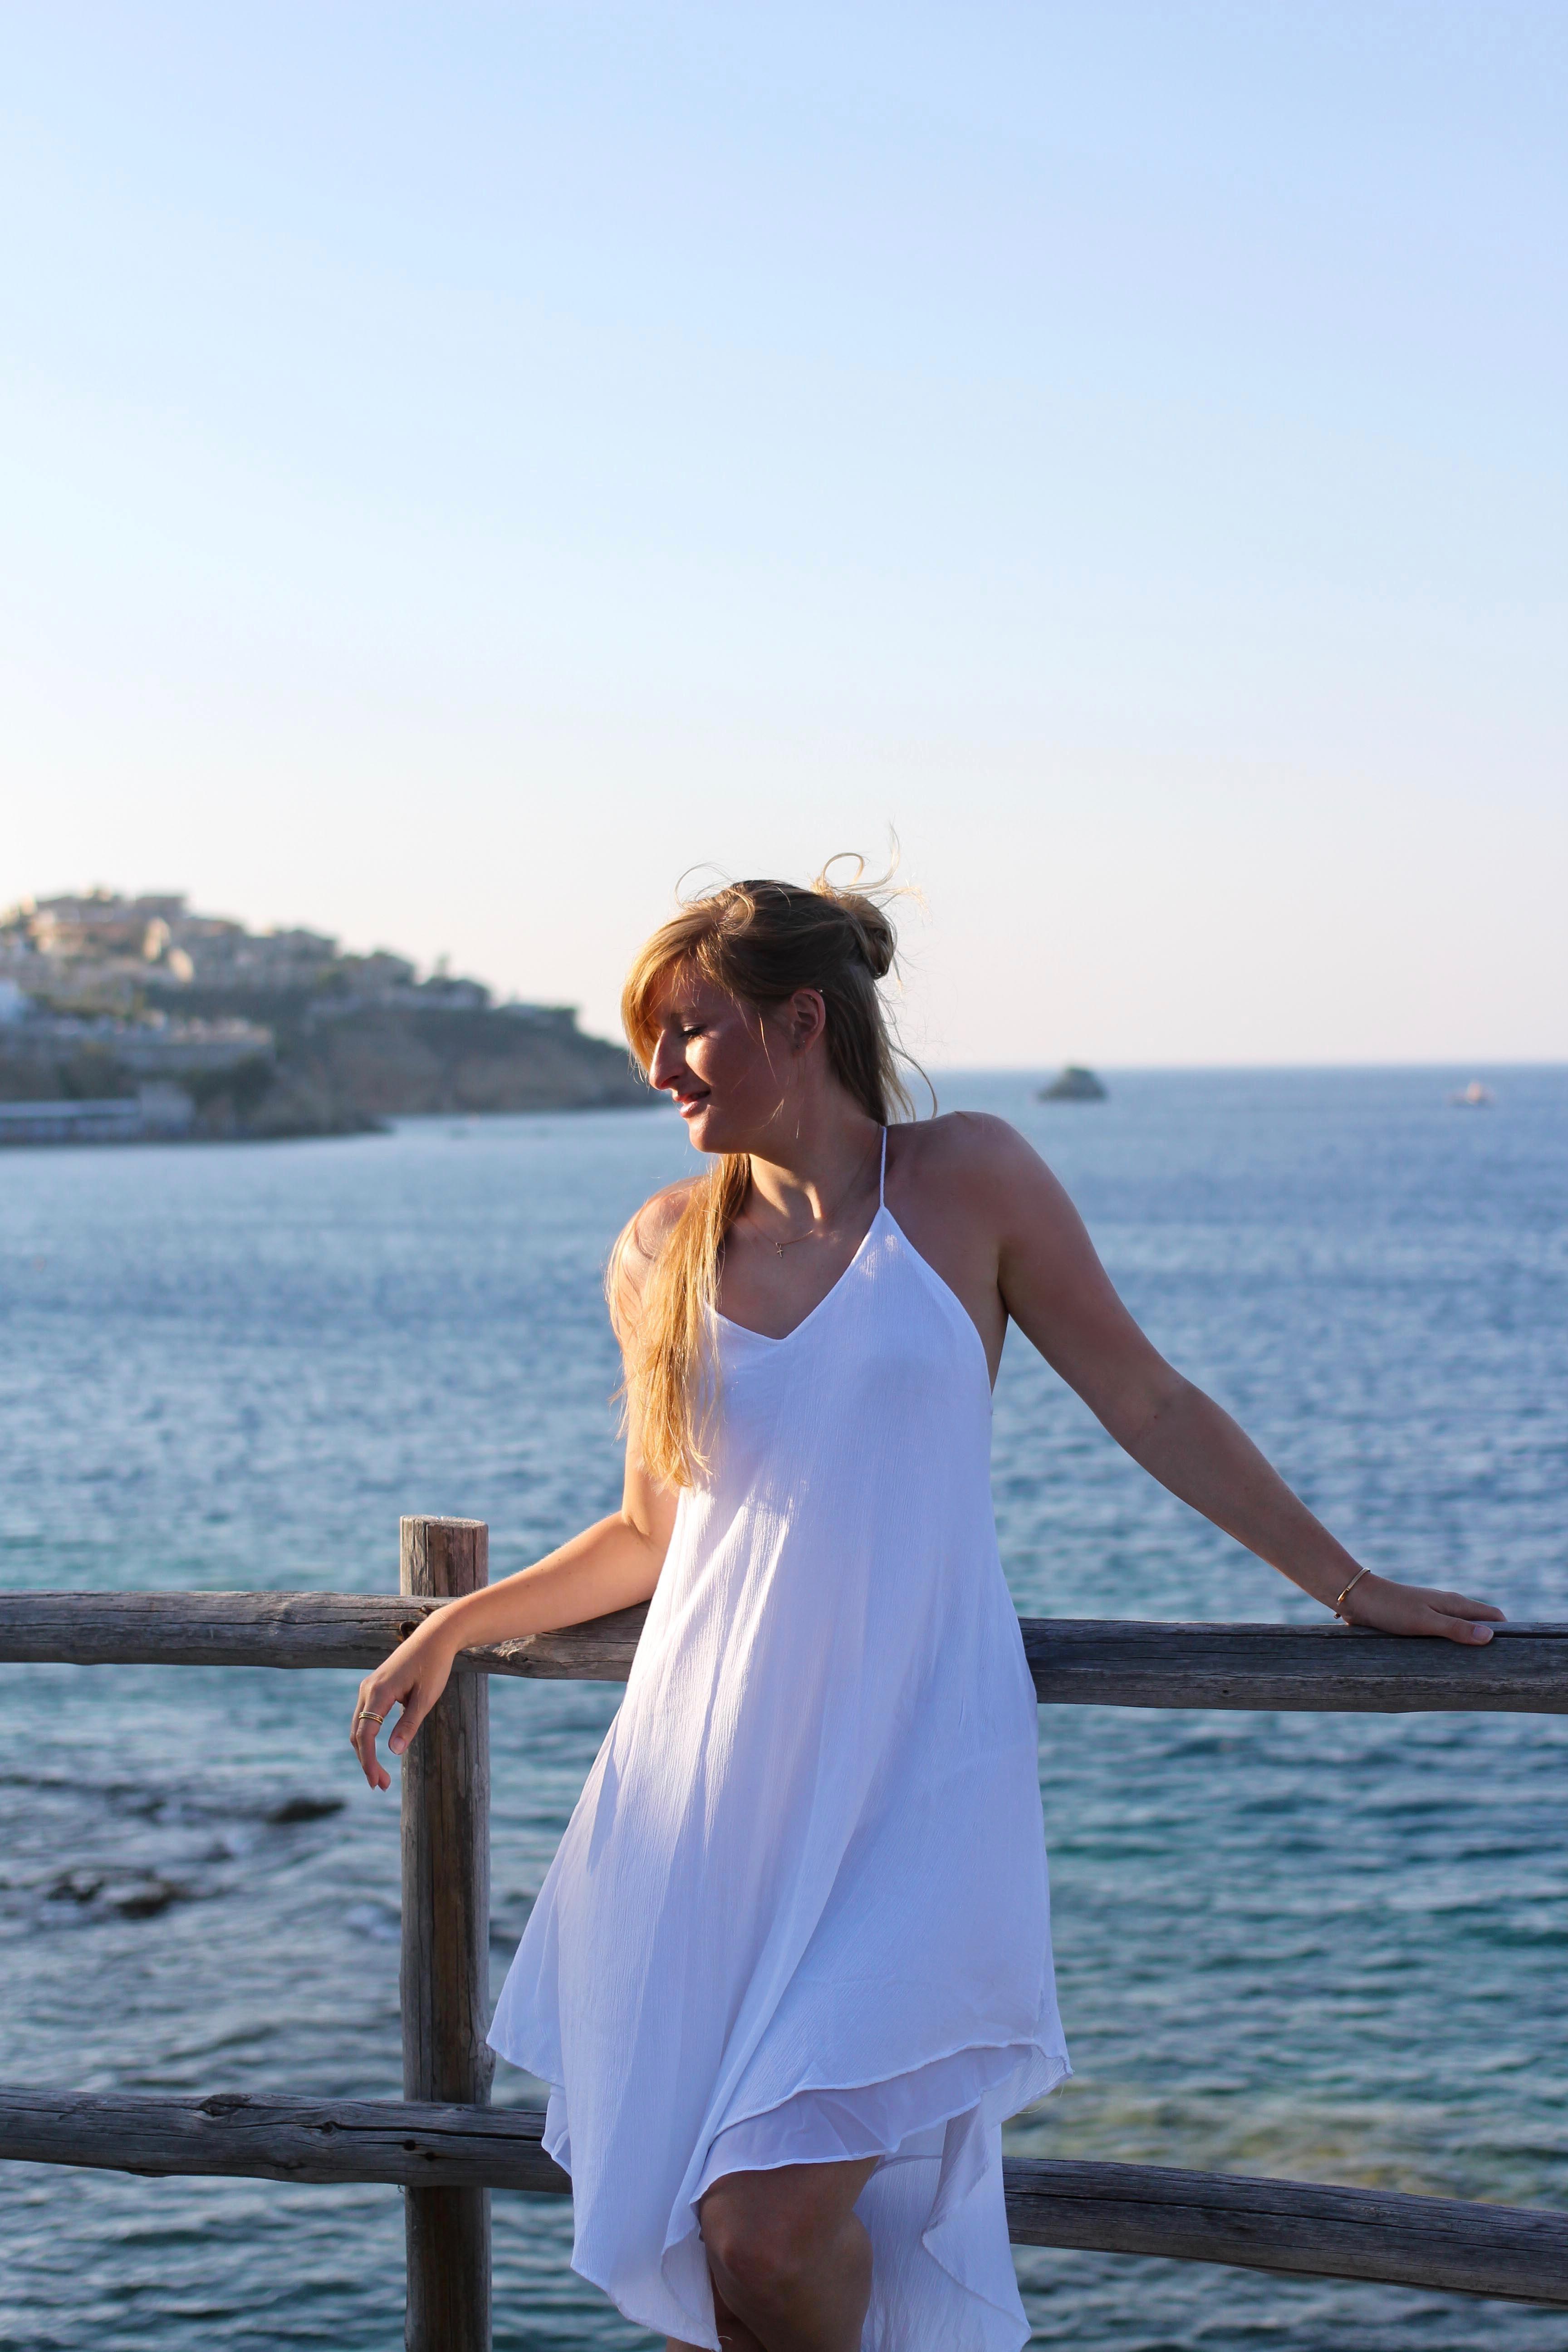 Modeblog Deuschland Fashion Blog Griechenland Kreta Sommeroutfit Blogger life weißes Kleid 5